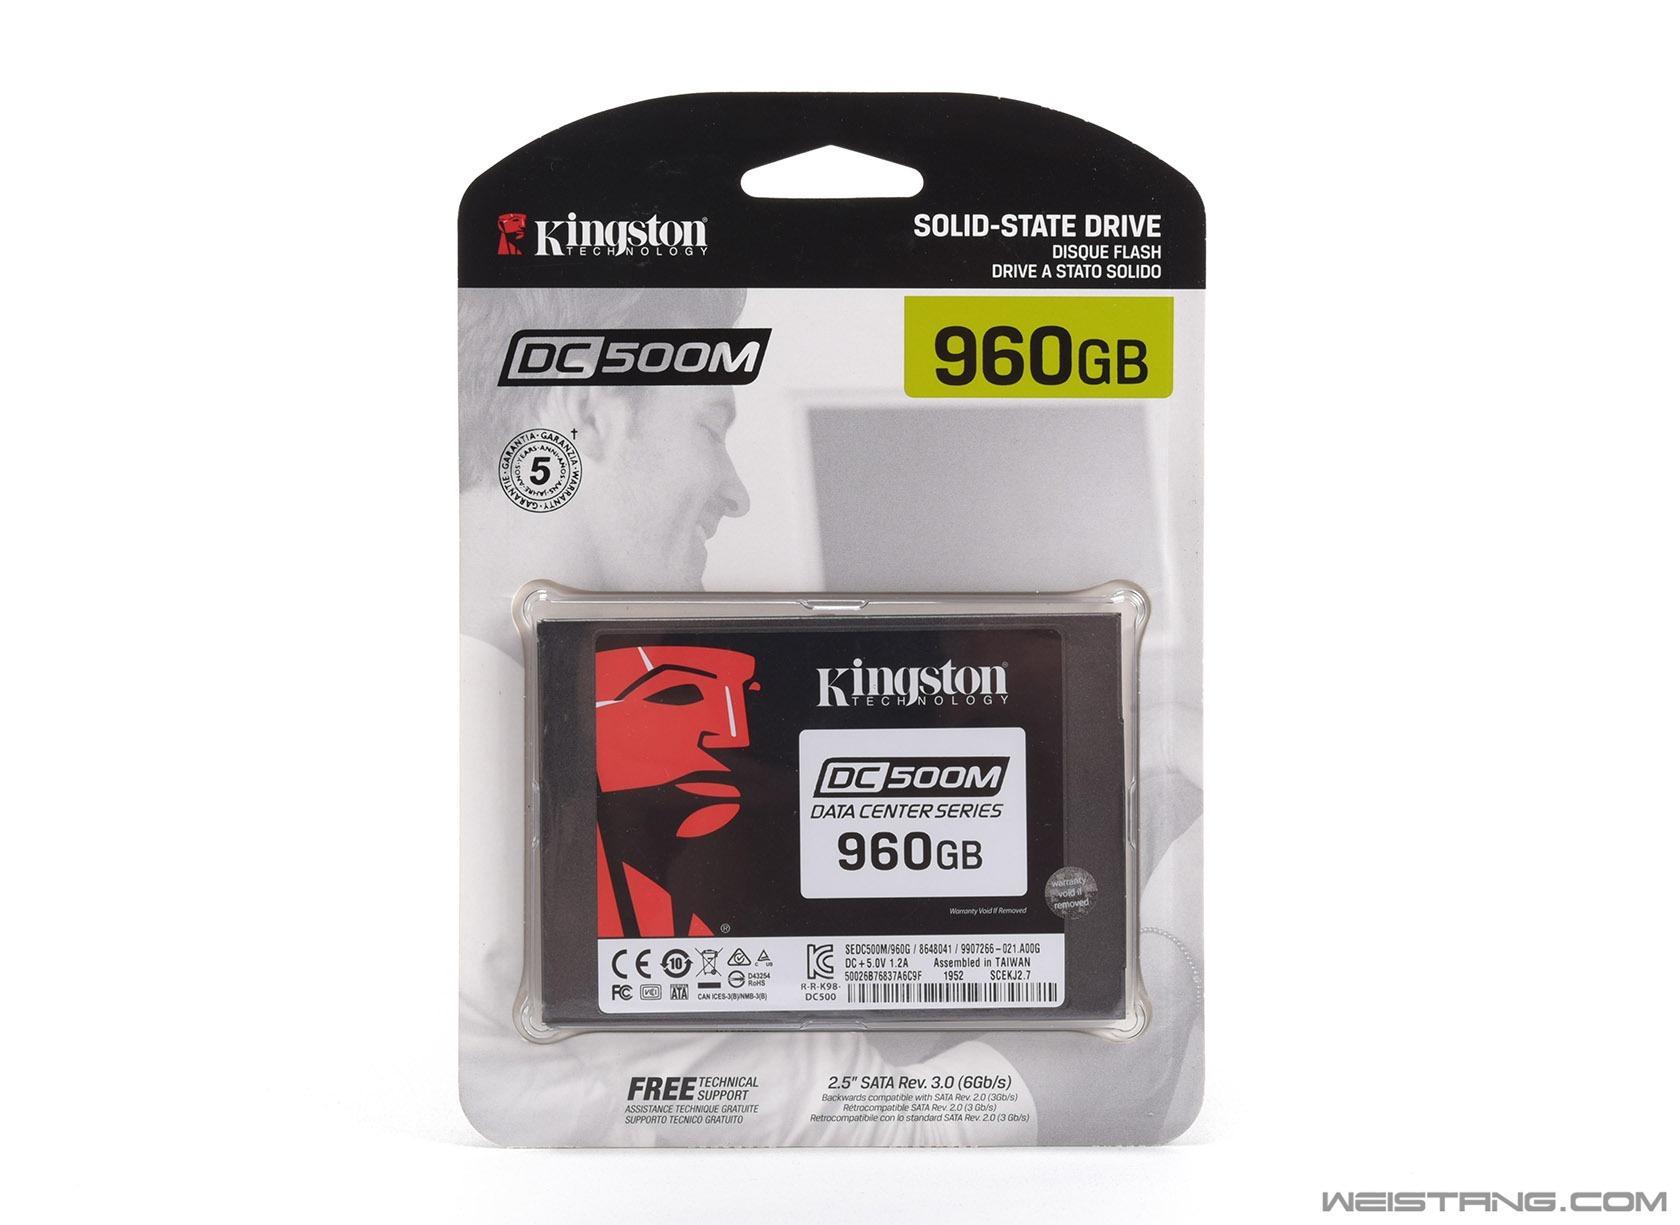 金士顿DC500M 960GB SSD评测